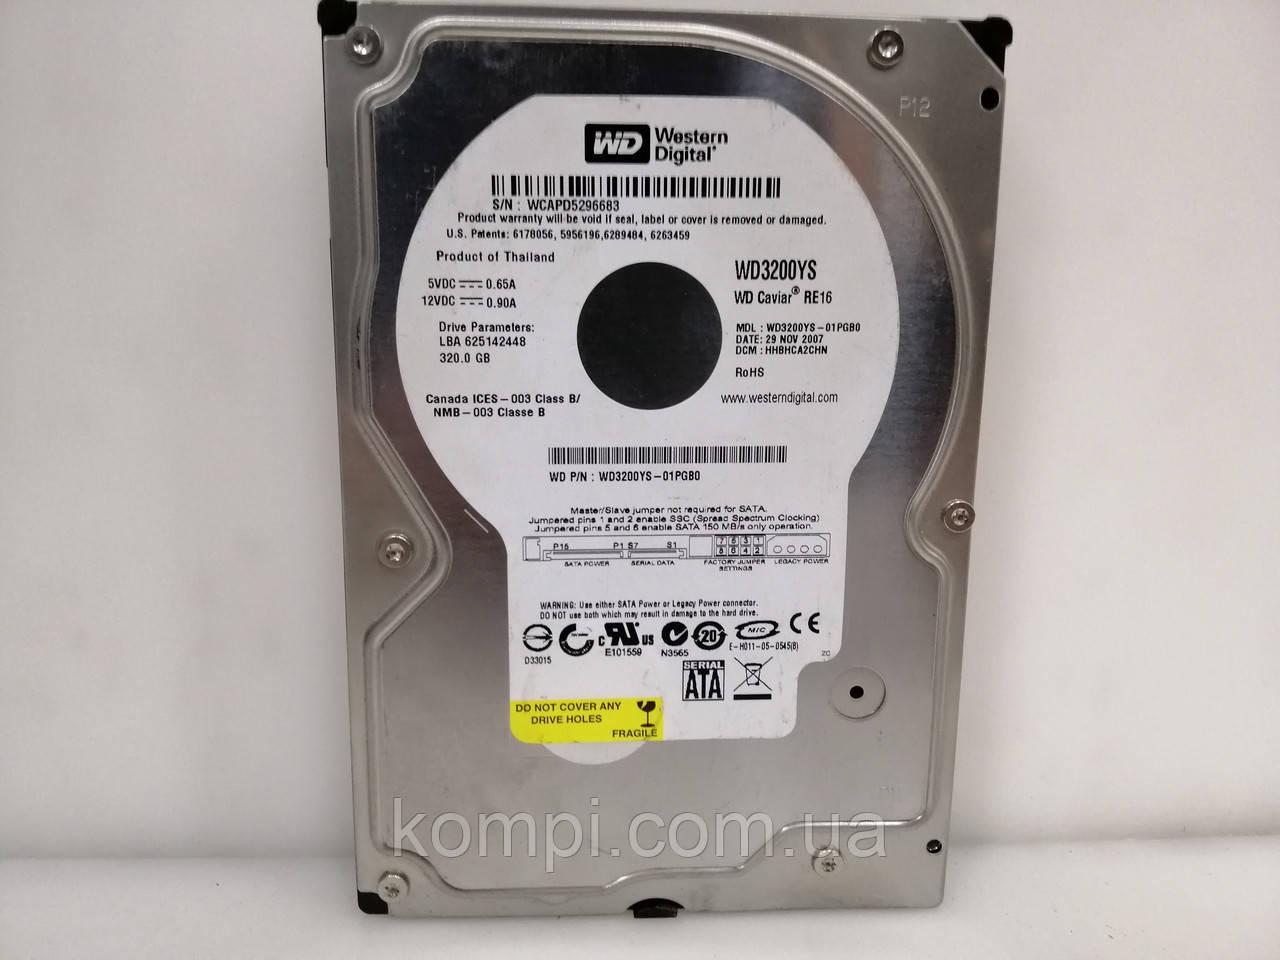 HDD Жорсткий диск Western Digital 320GB 7200prm 16MB SATAII для ПК ІДЕАЛЬНИЙ СТАН